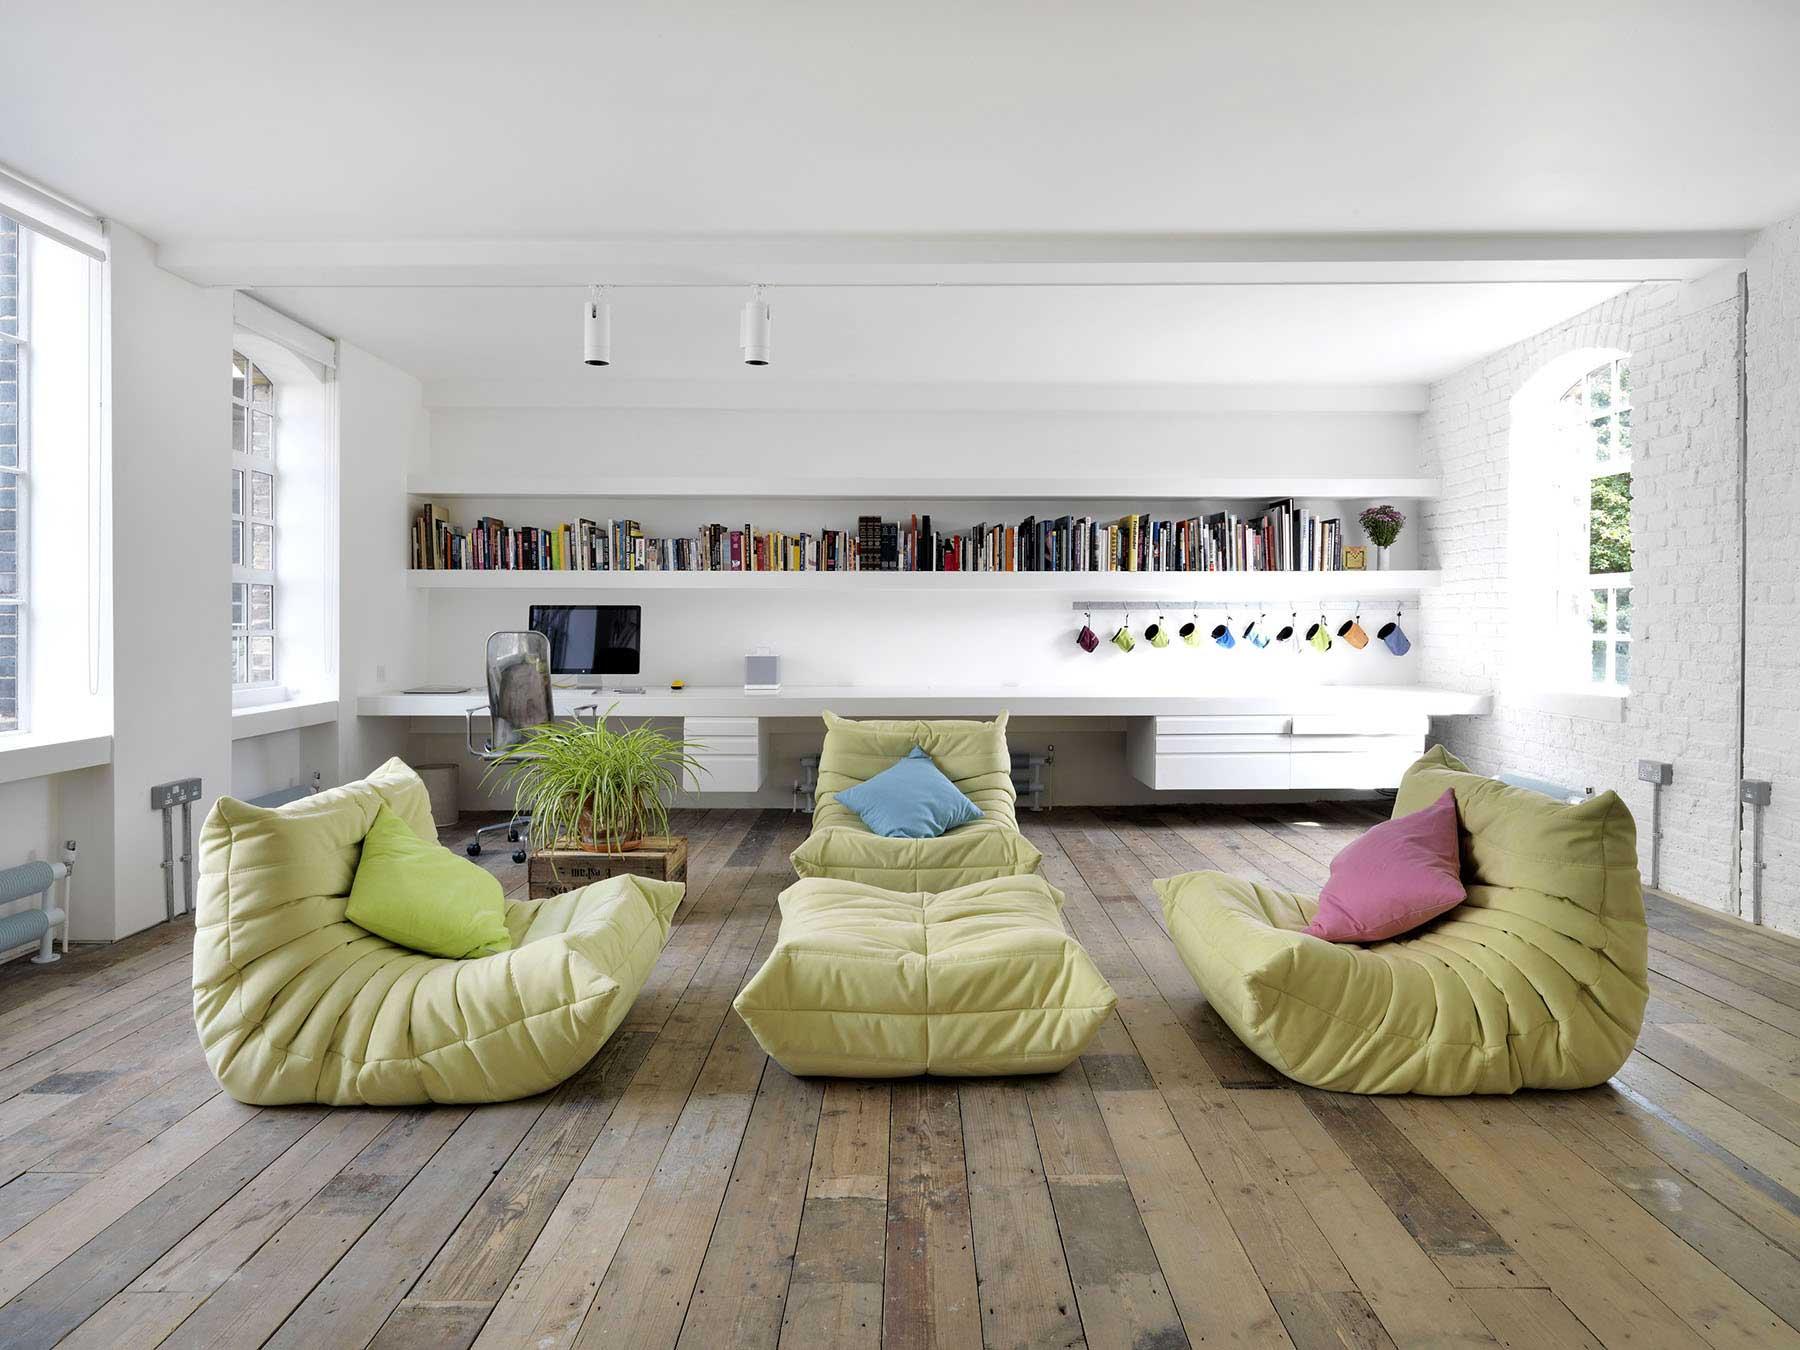 canap togo ligne roset. Black Bedroom Furniture Sets. Home Design Ideas